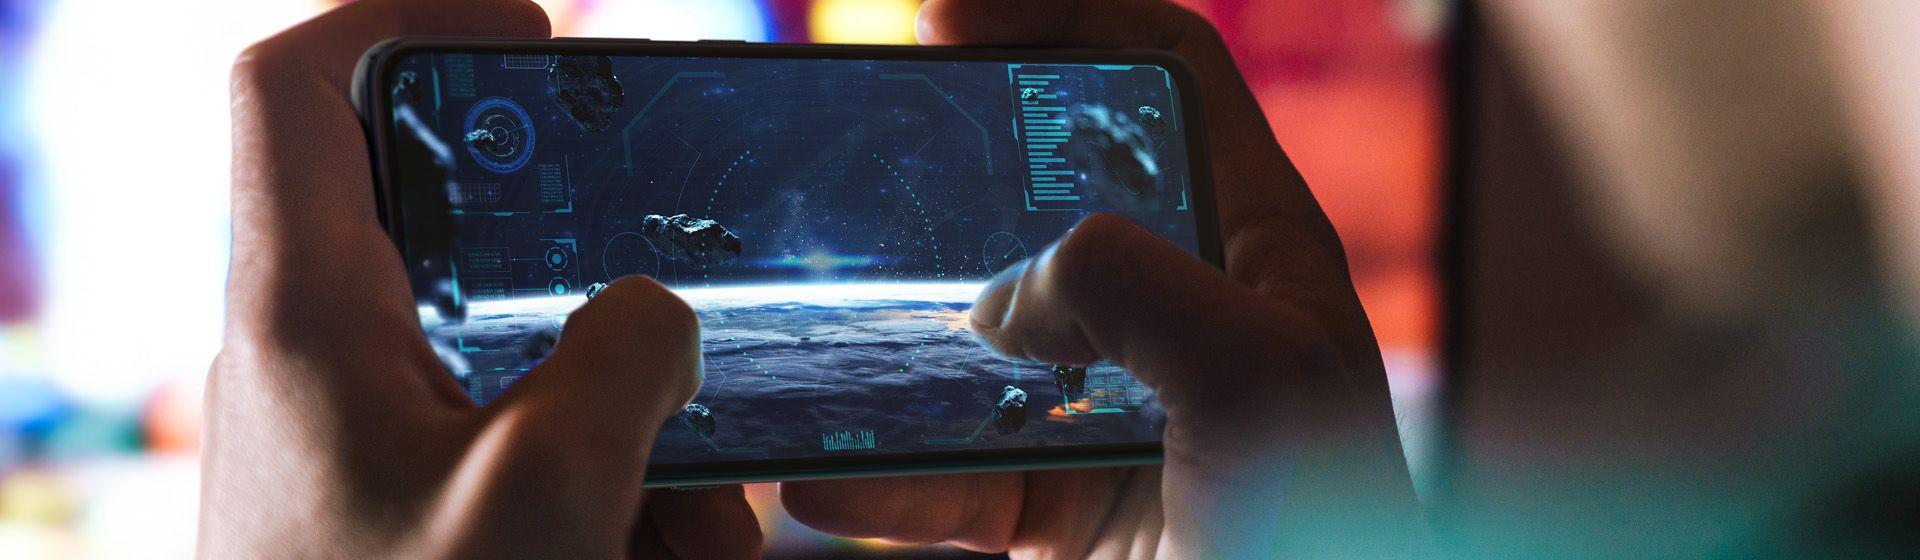 Motorola lança Moto G 5G, Moto G9 Power e Moto E7; veja seus preços